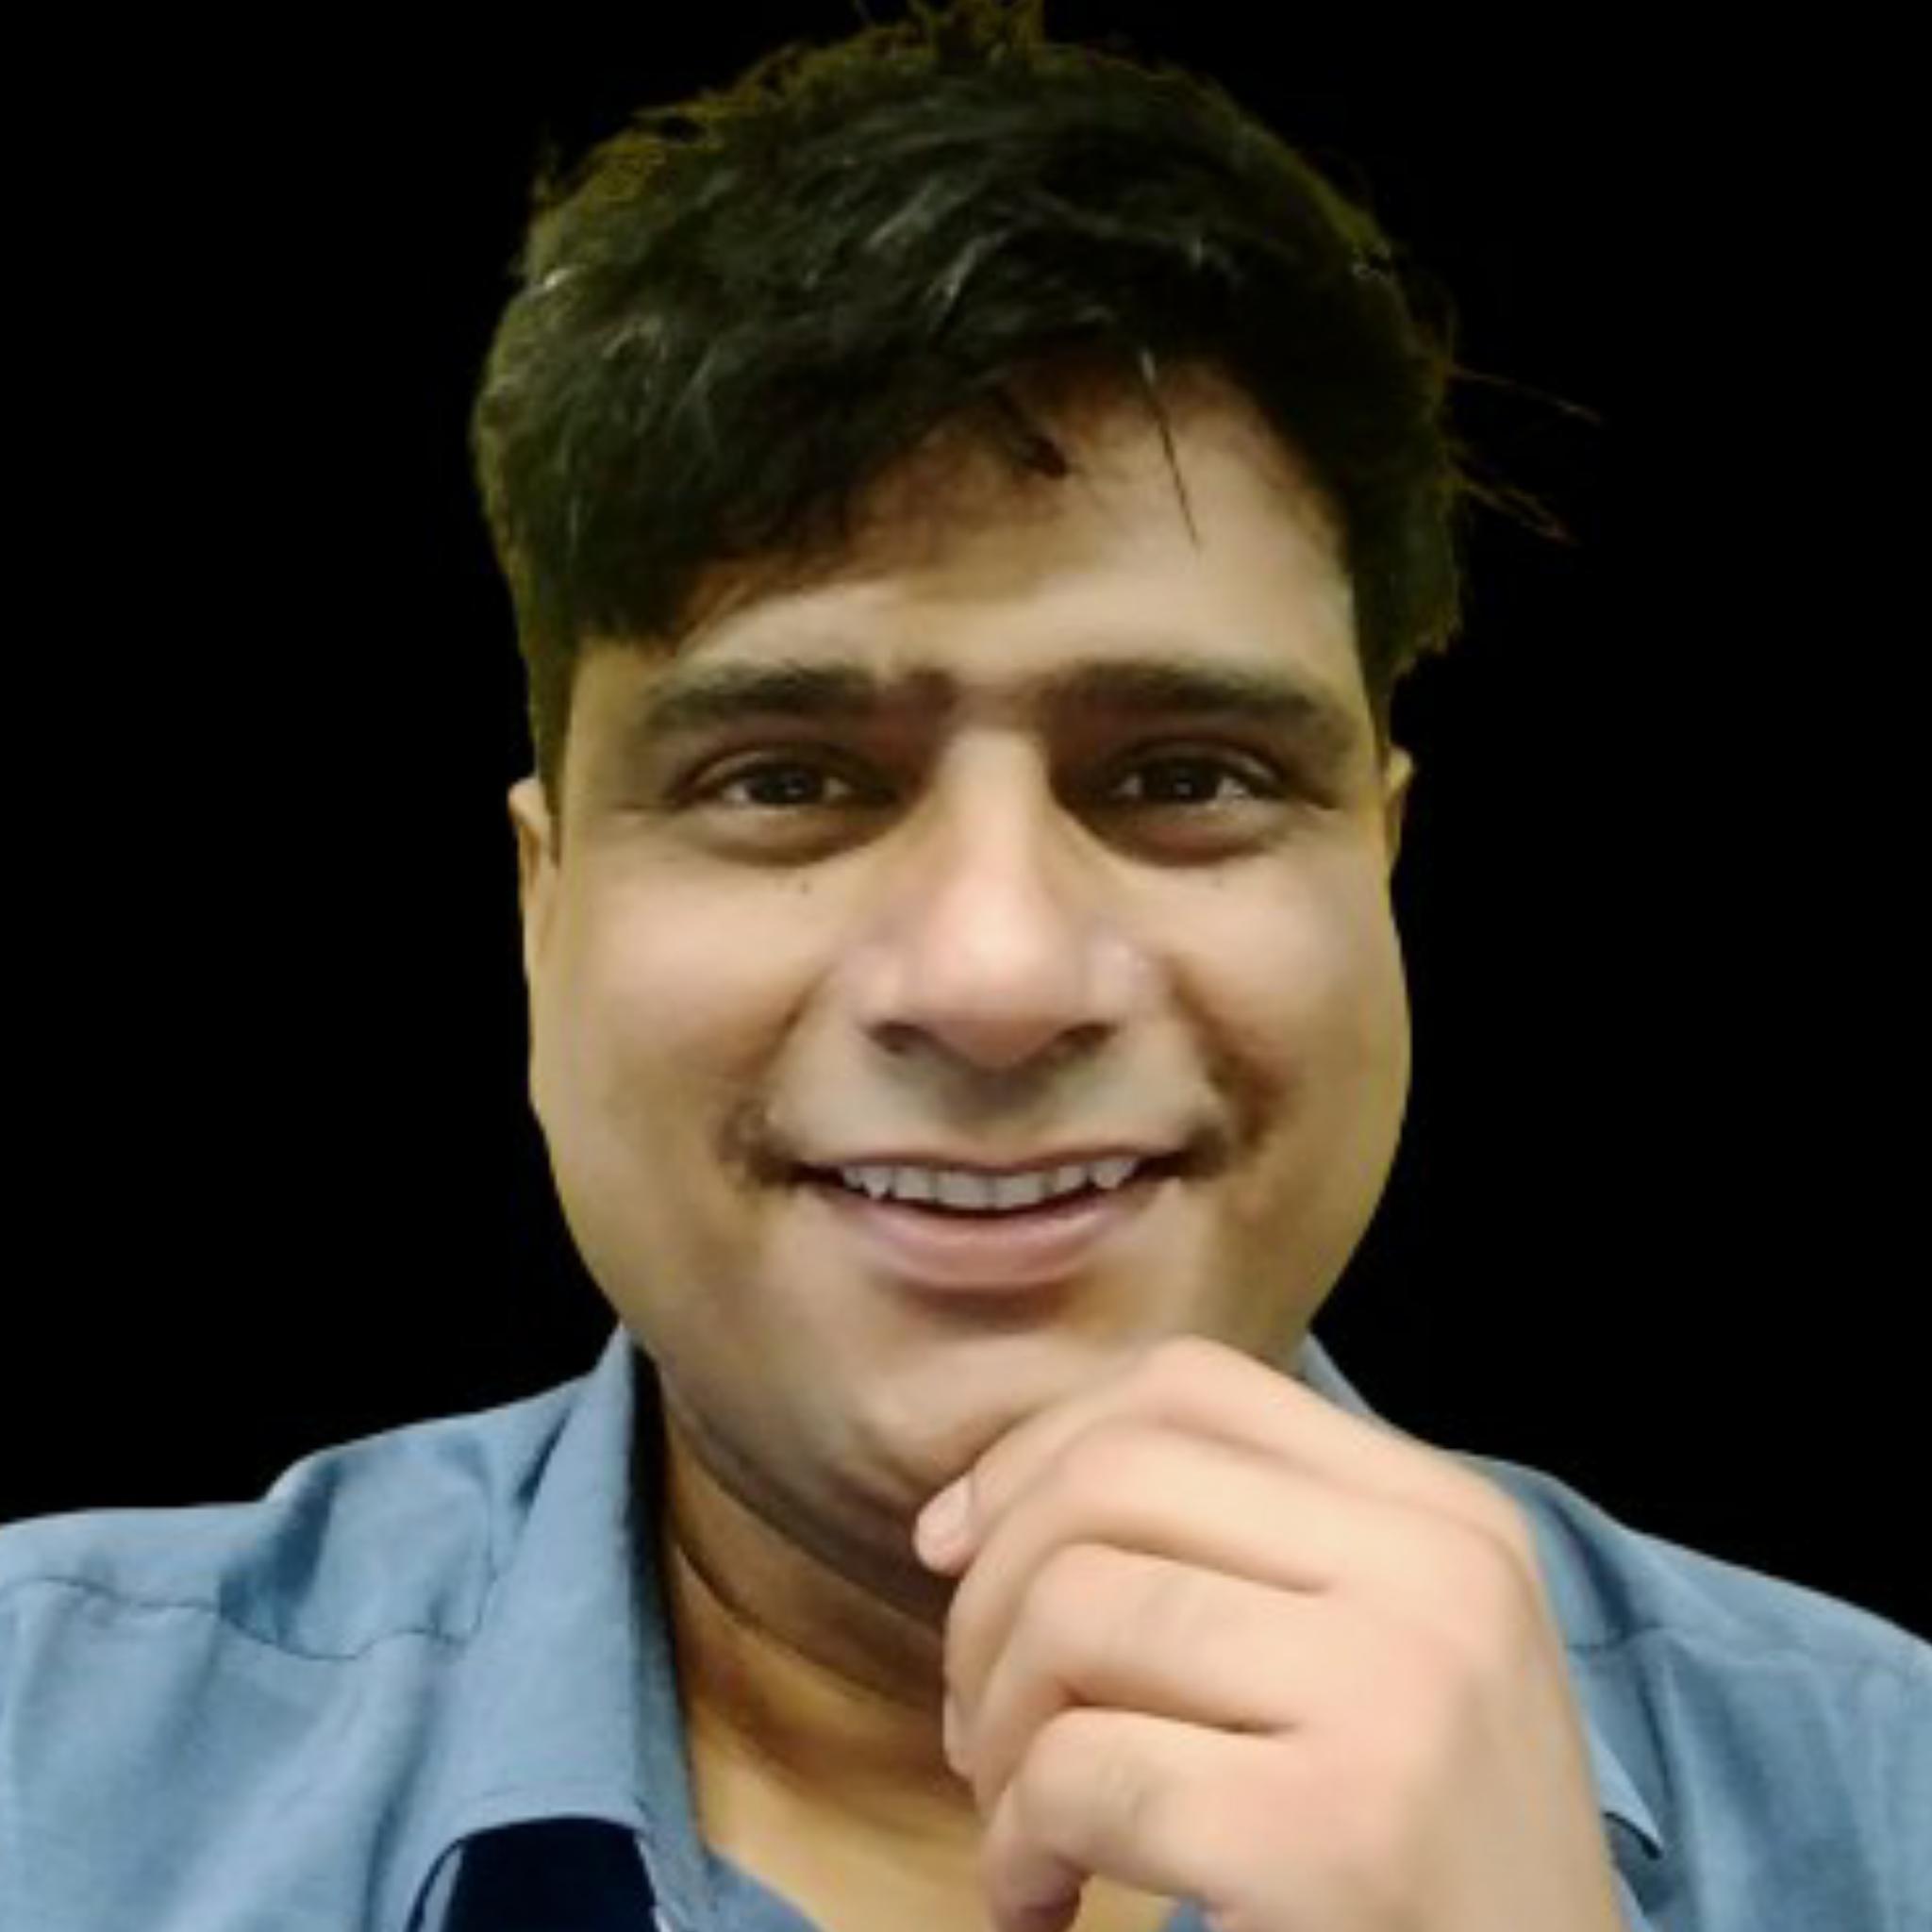 https://www.indiantelevision.com/sites/default/files/styles/smartcrop_800x800/public/images/tv-images/2021/05/04/photogrid_plus_1620119346270.jpg?itok=E_mzSejQ